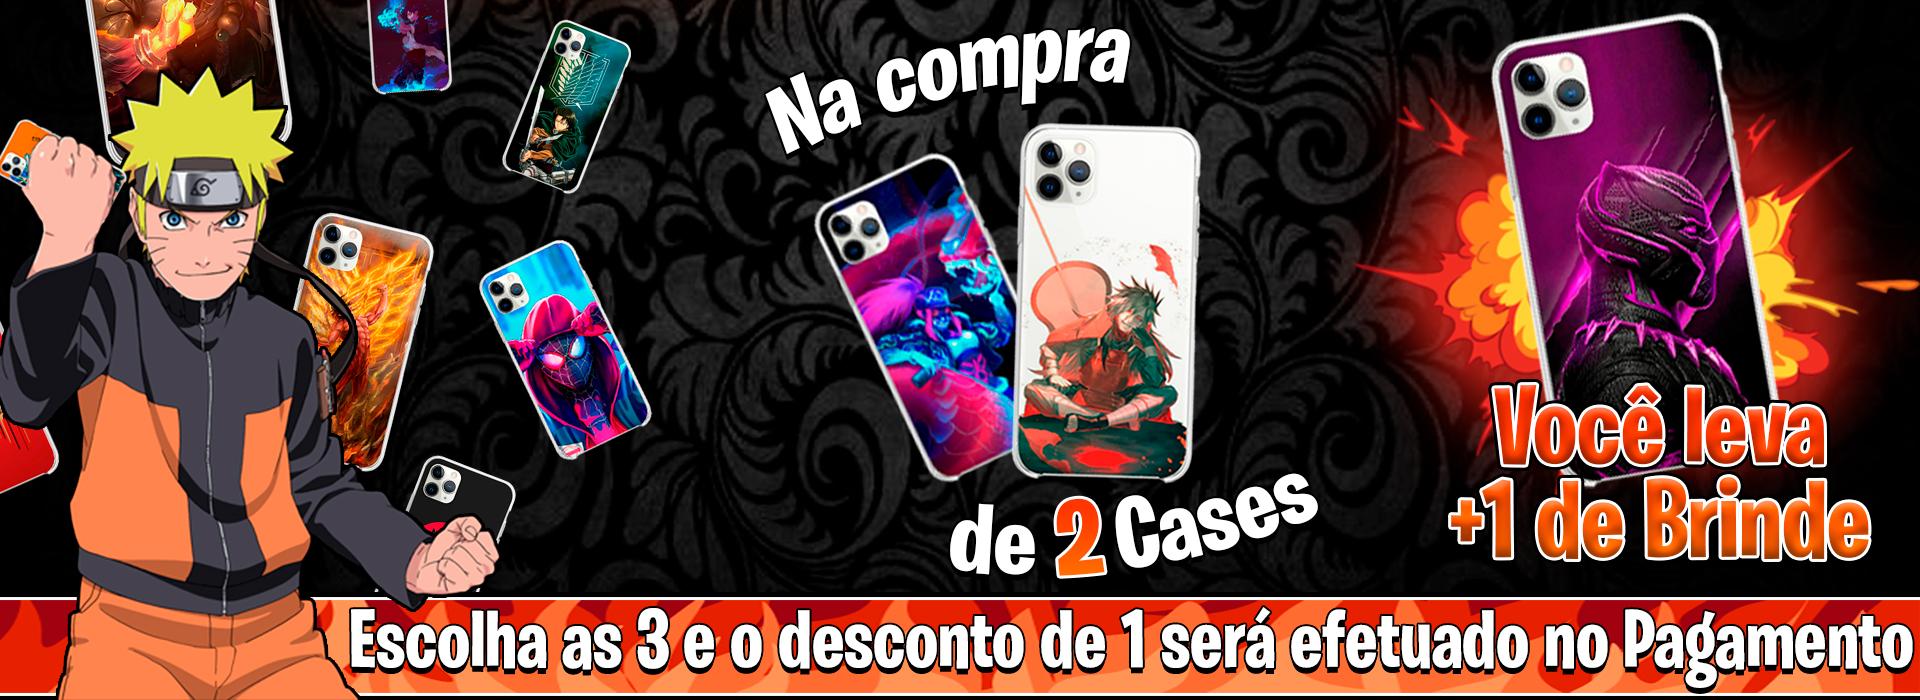 Leve uma Case de Brinde  ;): Na escolha de 3 Cases, 1 delas será um Presente nosso para você 🧡 🎁